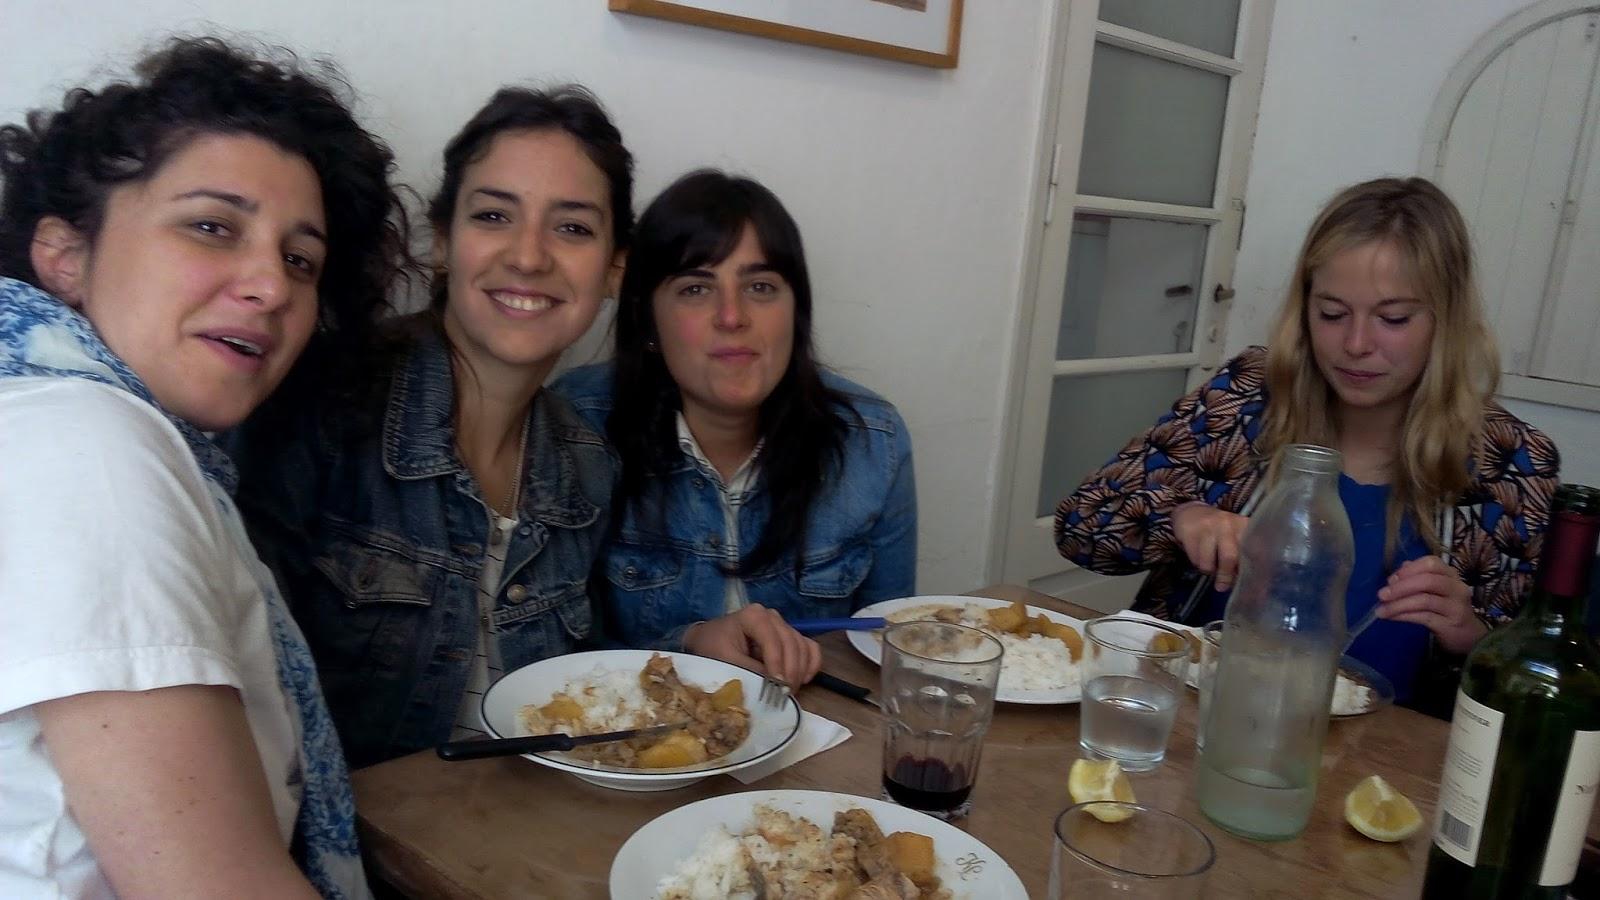 milanesa con papas almuerzo franc s en el galp n